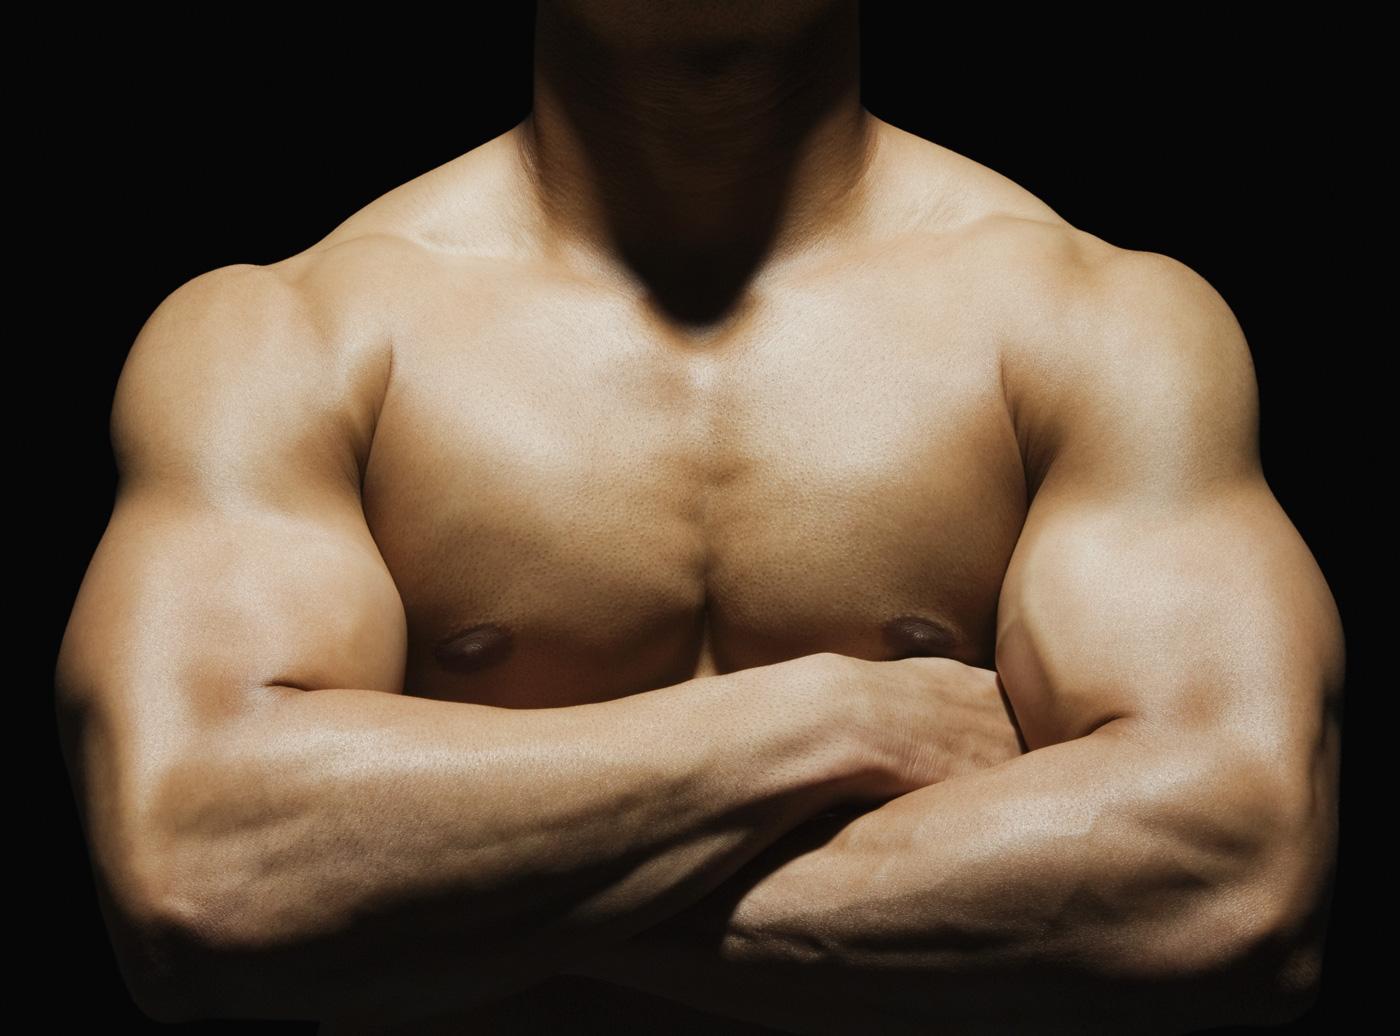 Мышцы мужчин картинки